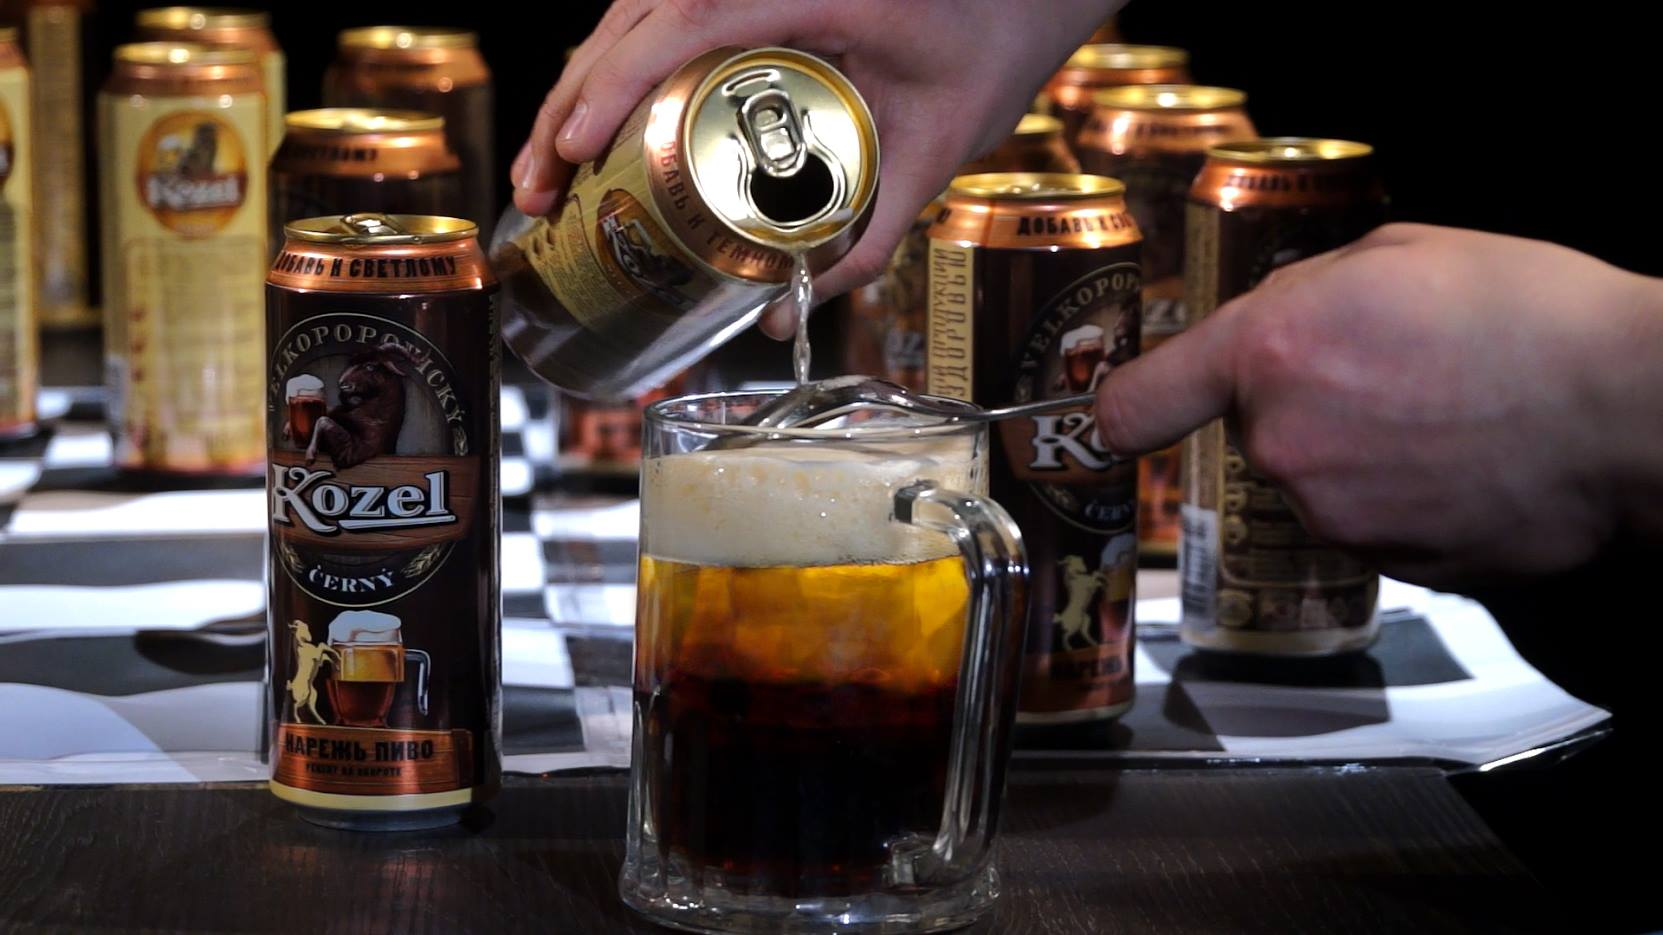 резаное пиво козел как сделать резаное пиво темное светлое резаное пиво видео отвратительные мужики блог подкаст